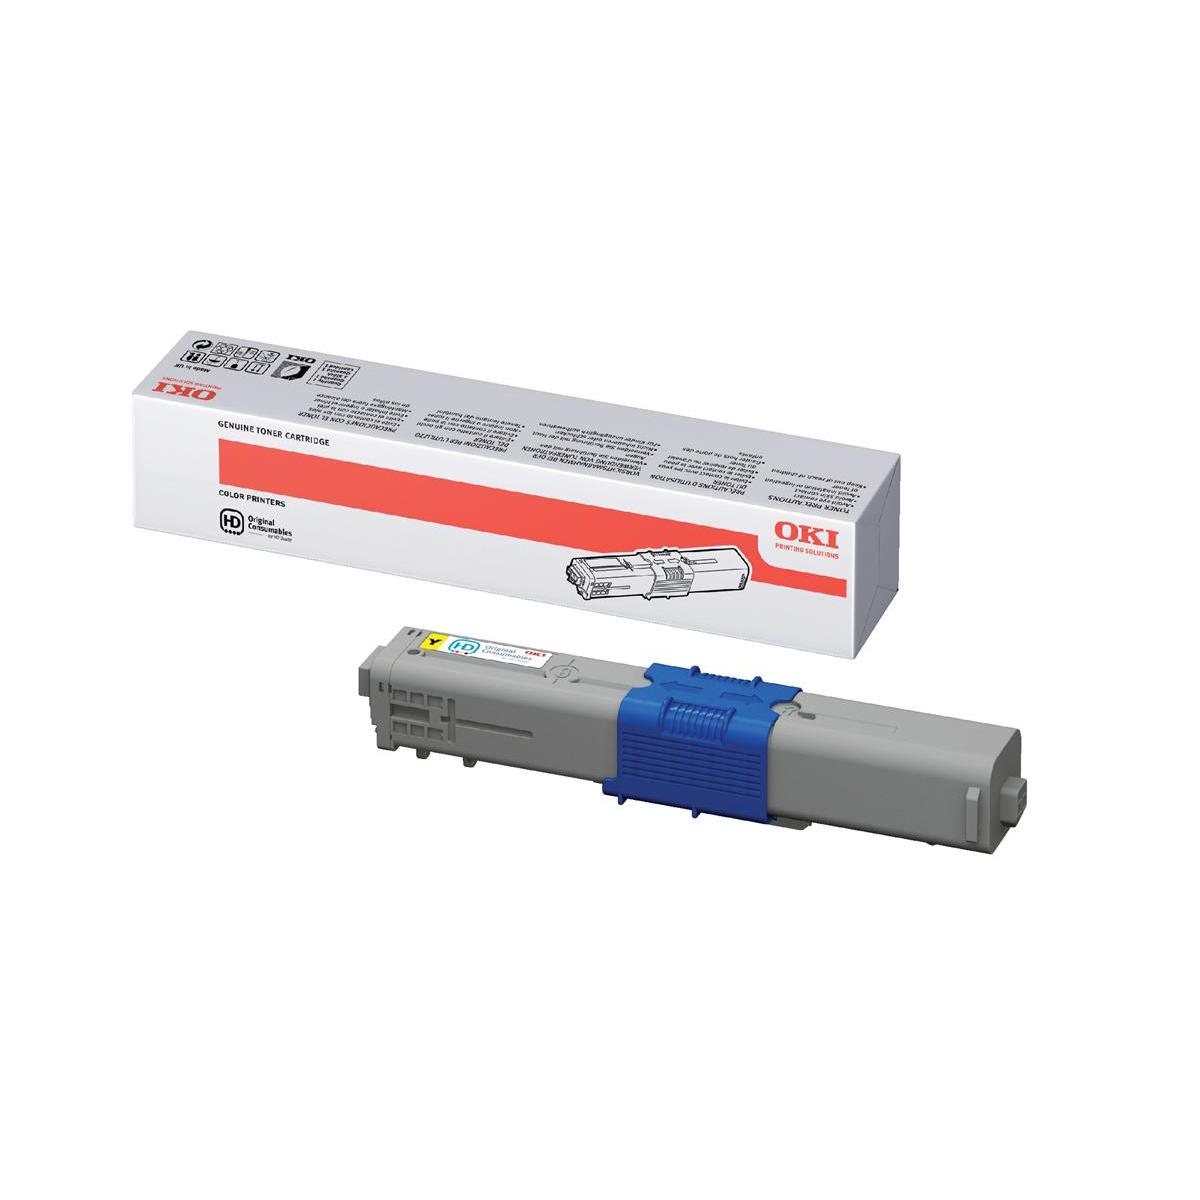 OKI Laser Toner Cartridge Page Life 2000pp Yellow Ref 44469704